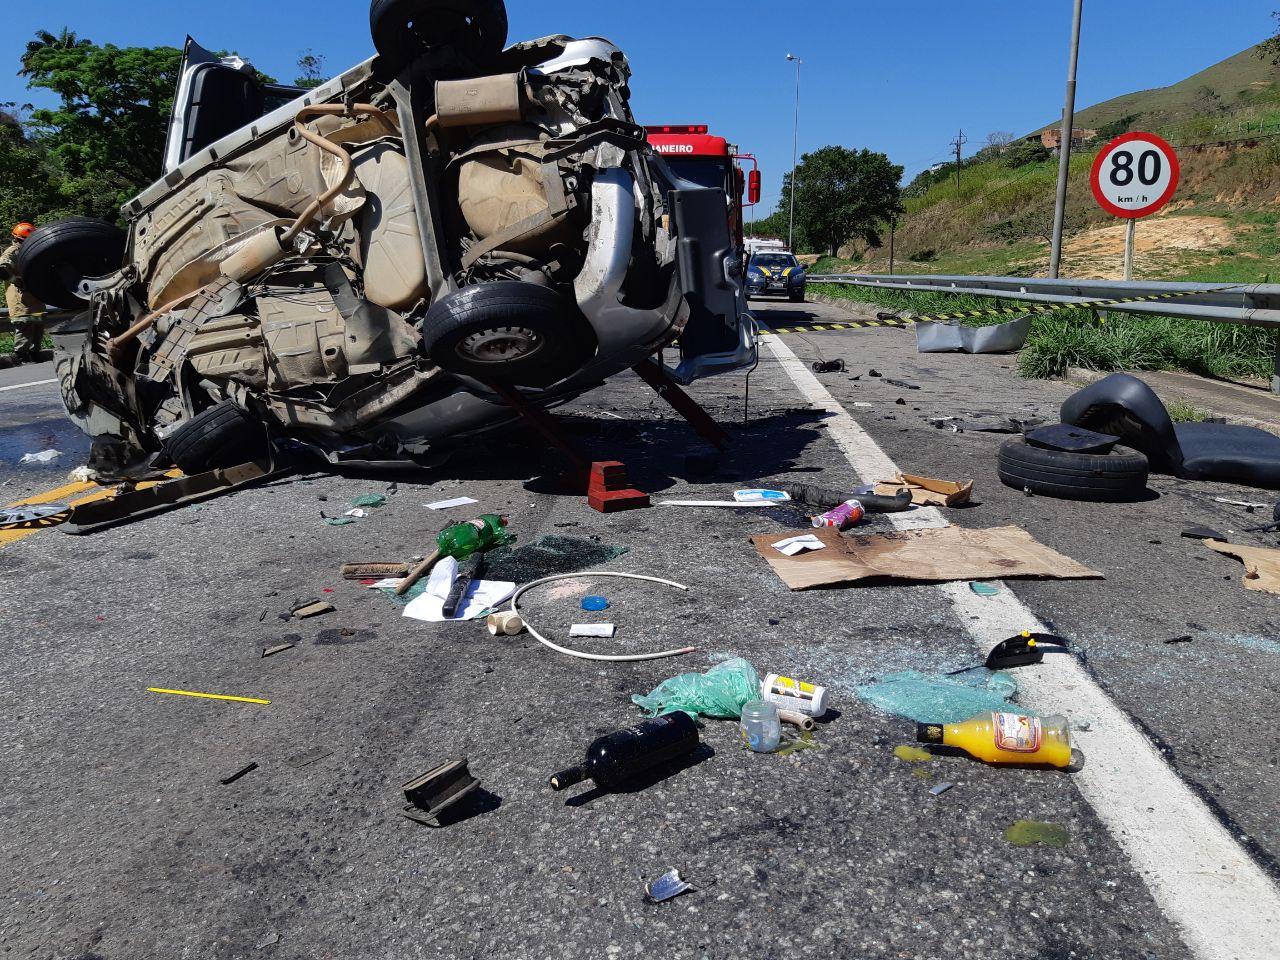 Polícia investiga causas de acidente que matou mulher na BR-393, em Vassouras